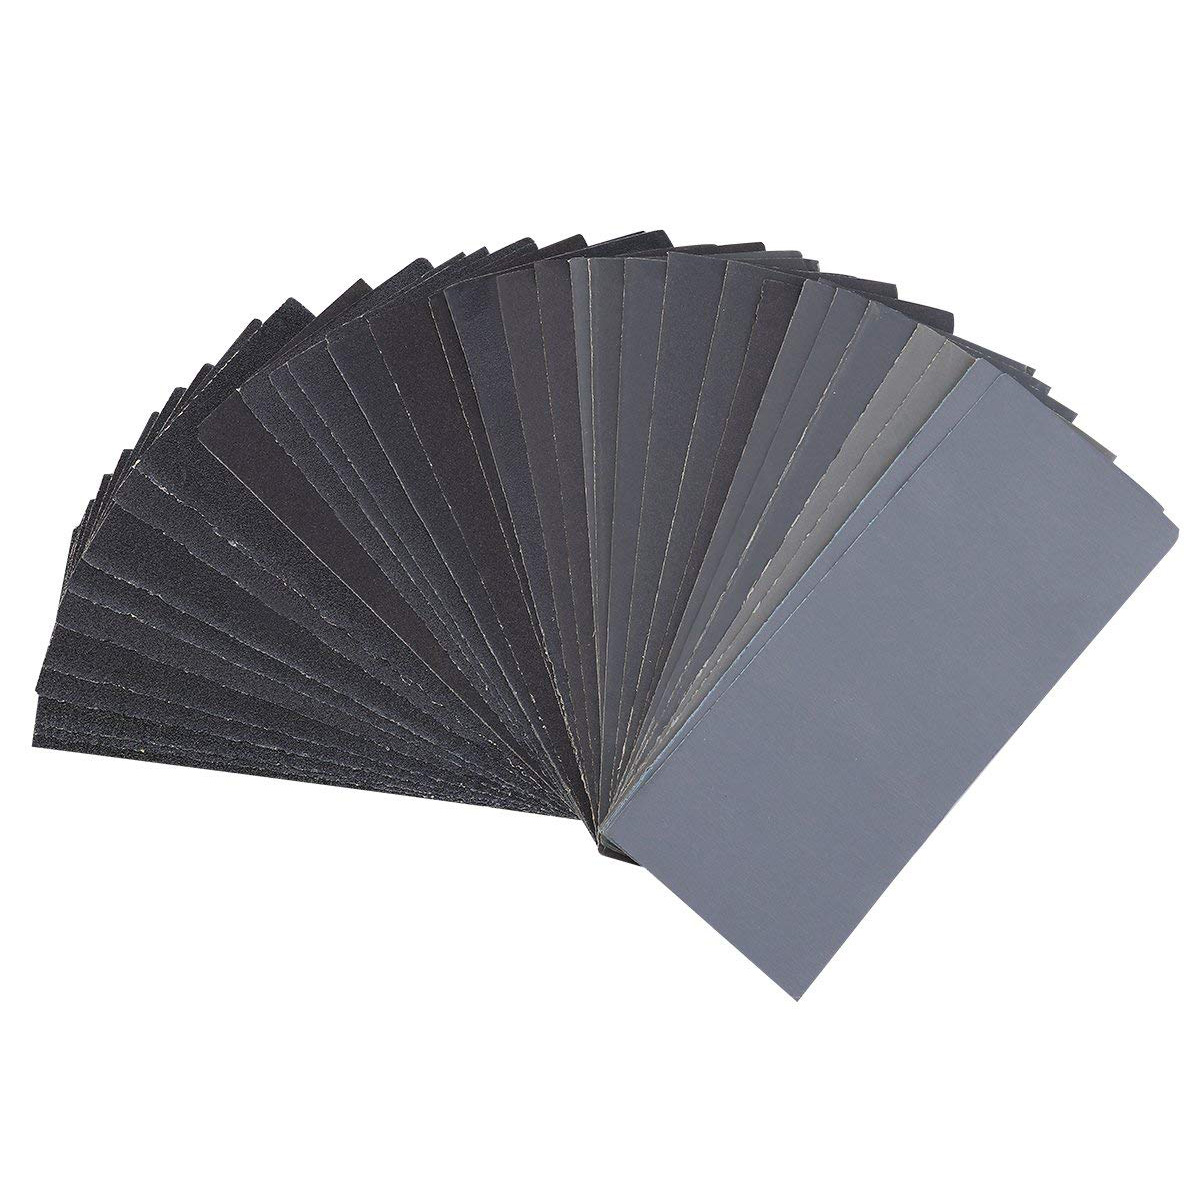 54 PCS New Style 60 to 3000 Grit Sandpaper Assortment Wet Dry Sand Paper for Automotive Sanding Wood Sandpaper Set water dry sanding paper sandpaper w3 5 w7 w10 w14 w20 w28 w40 w50 w63 w70